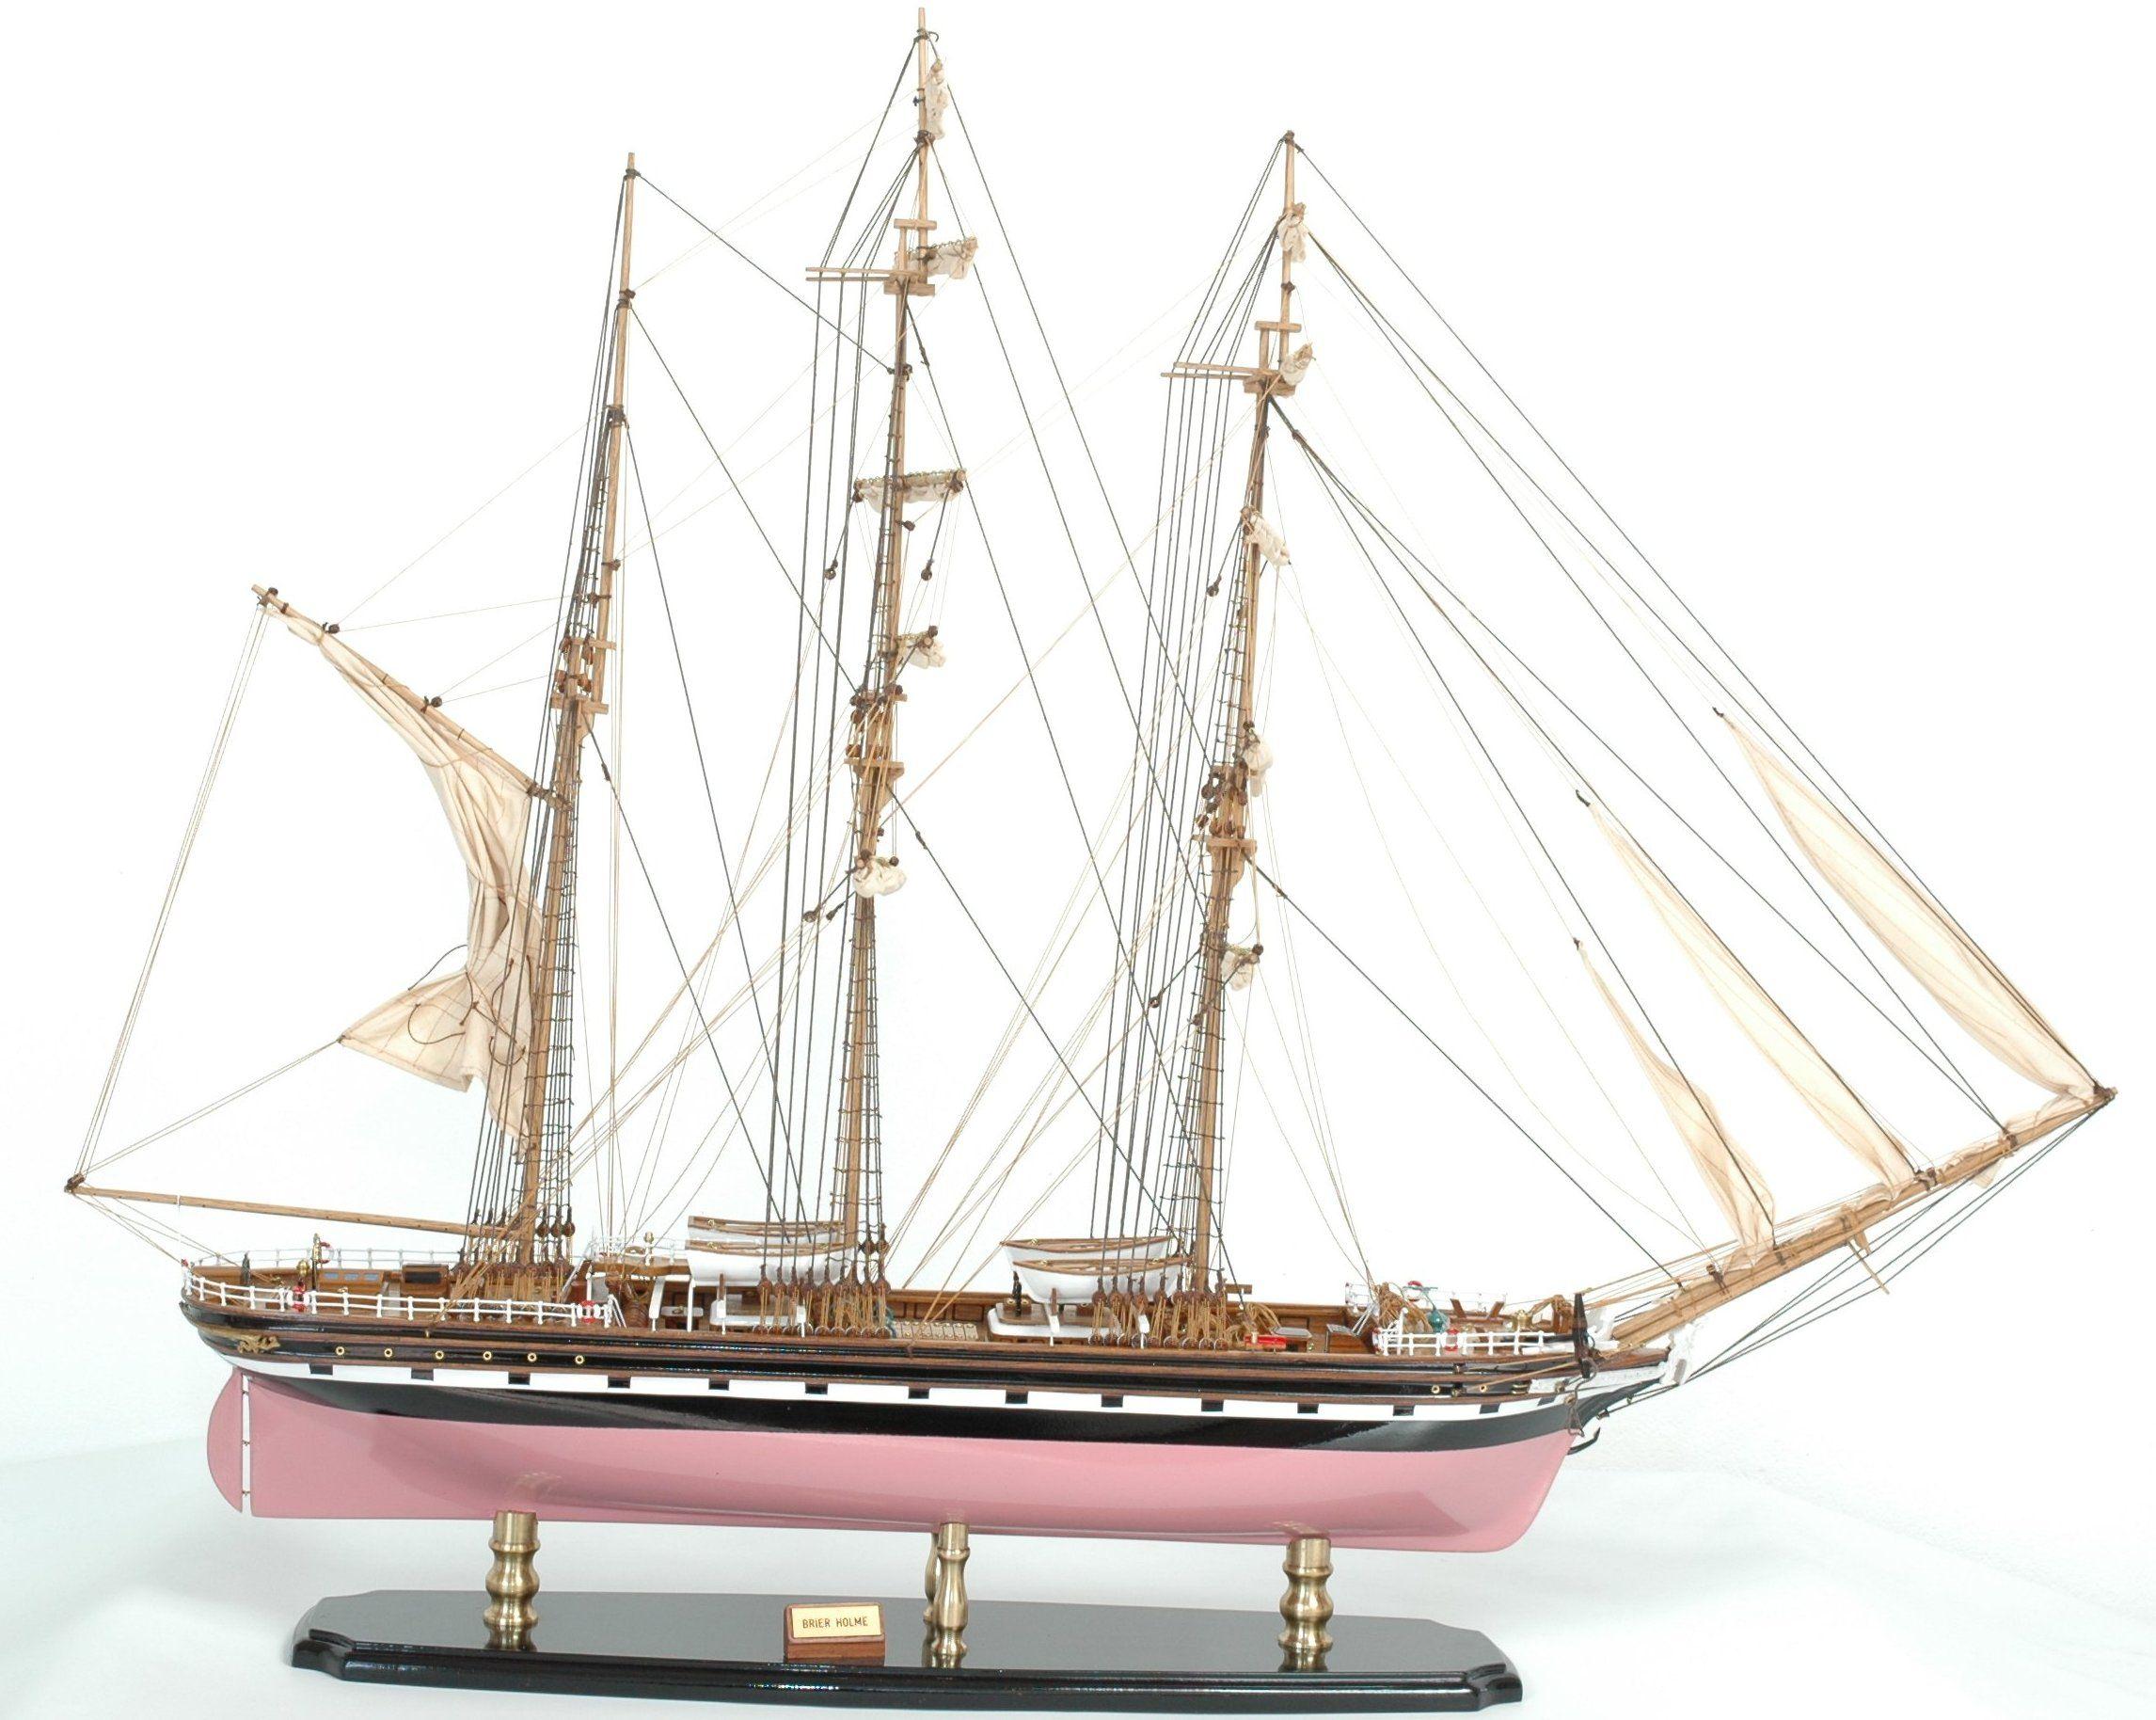 234-8625-Brier-Holme-model-ship-Premier-Range